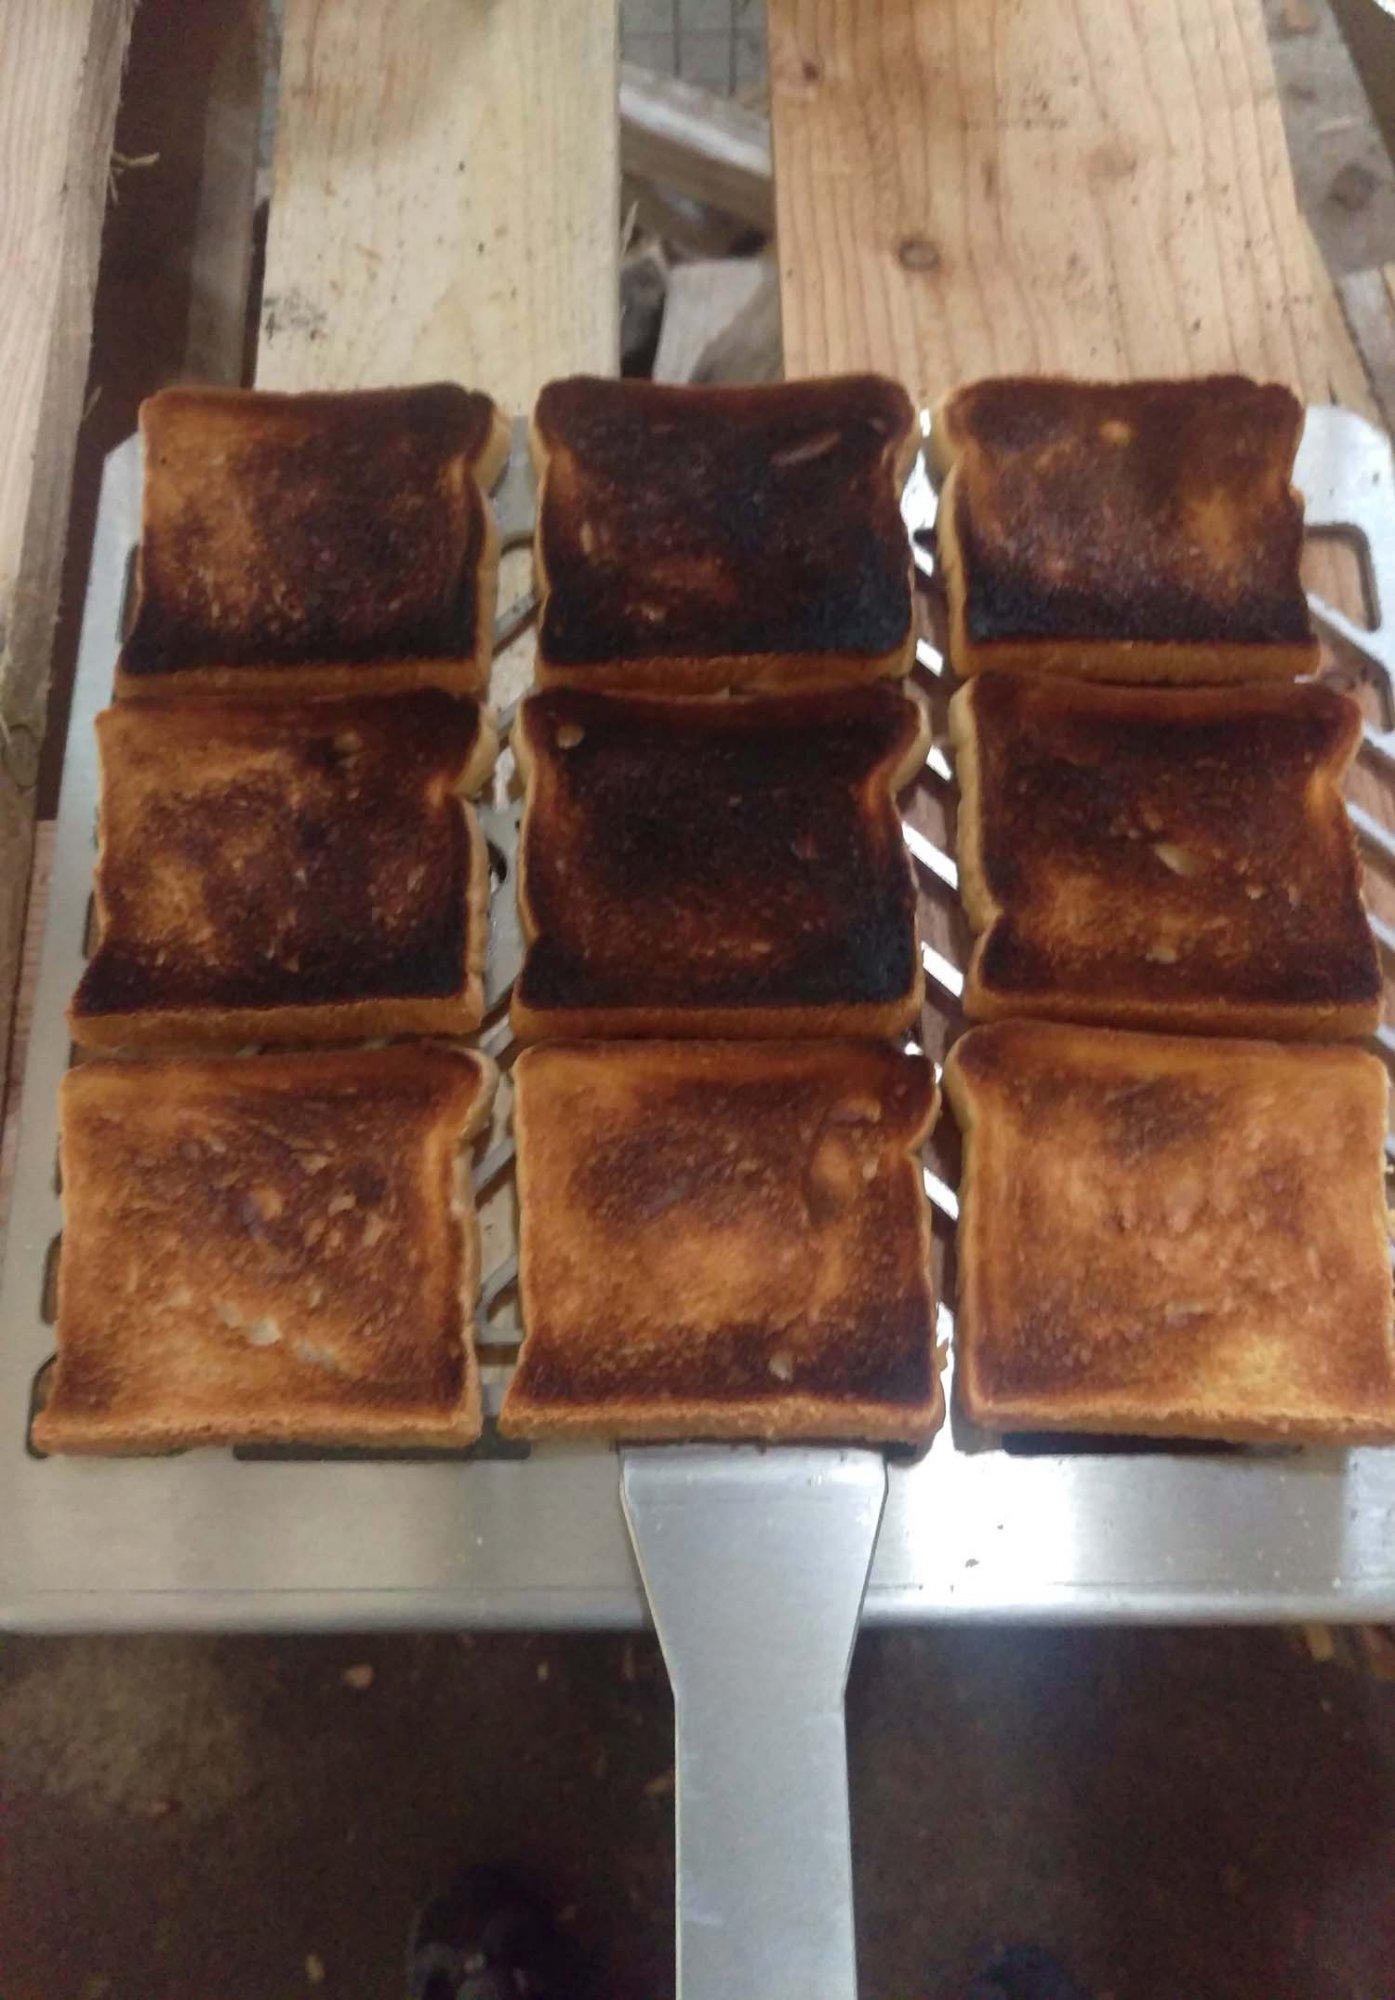 toast-test-04.jpg